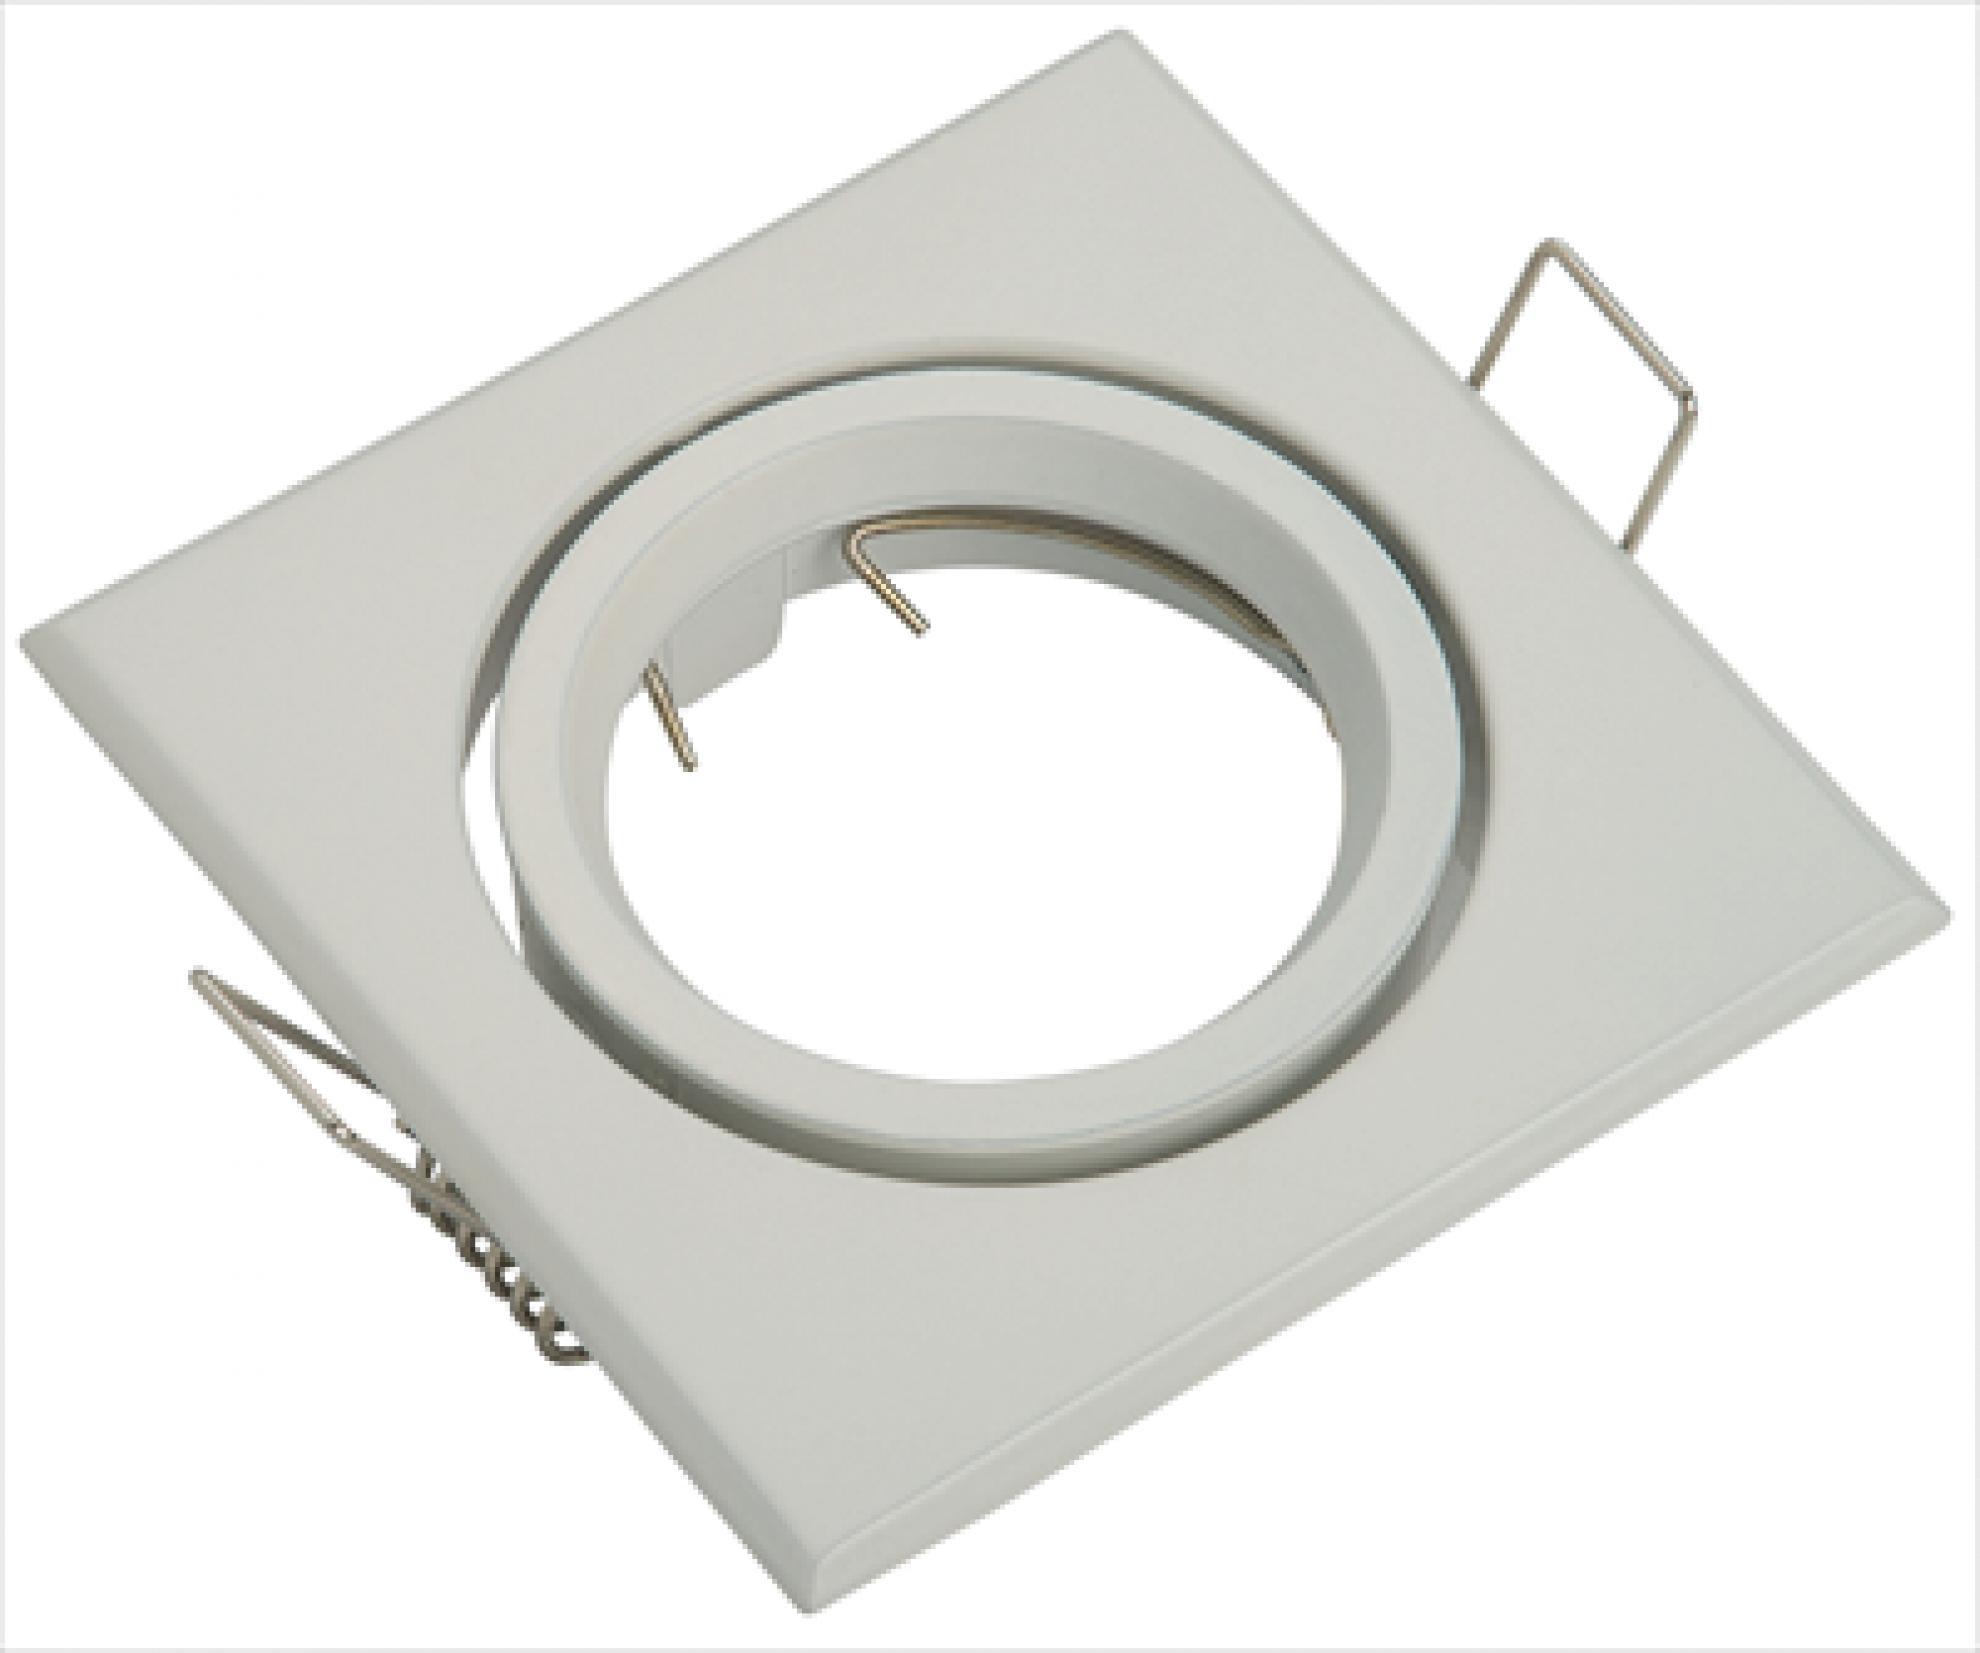 SPOT LED PAR  20  7W EMB QUAD 6500K BIV  11